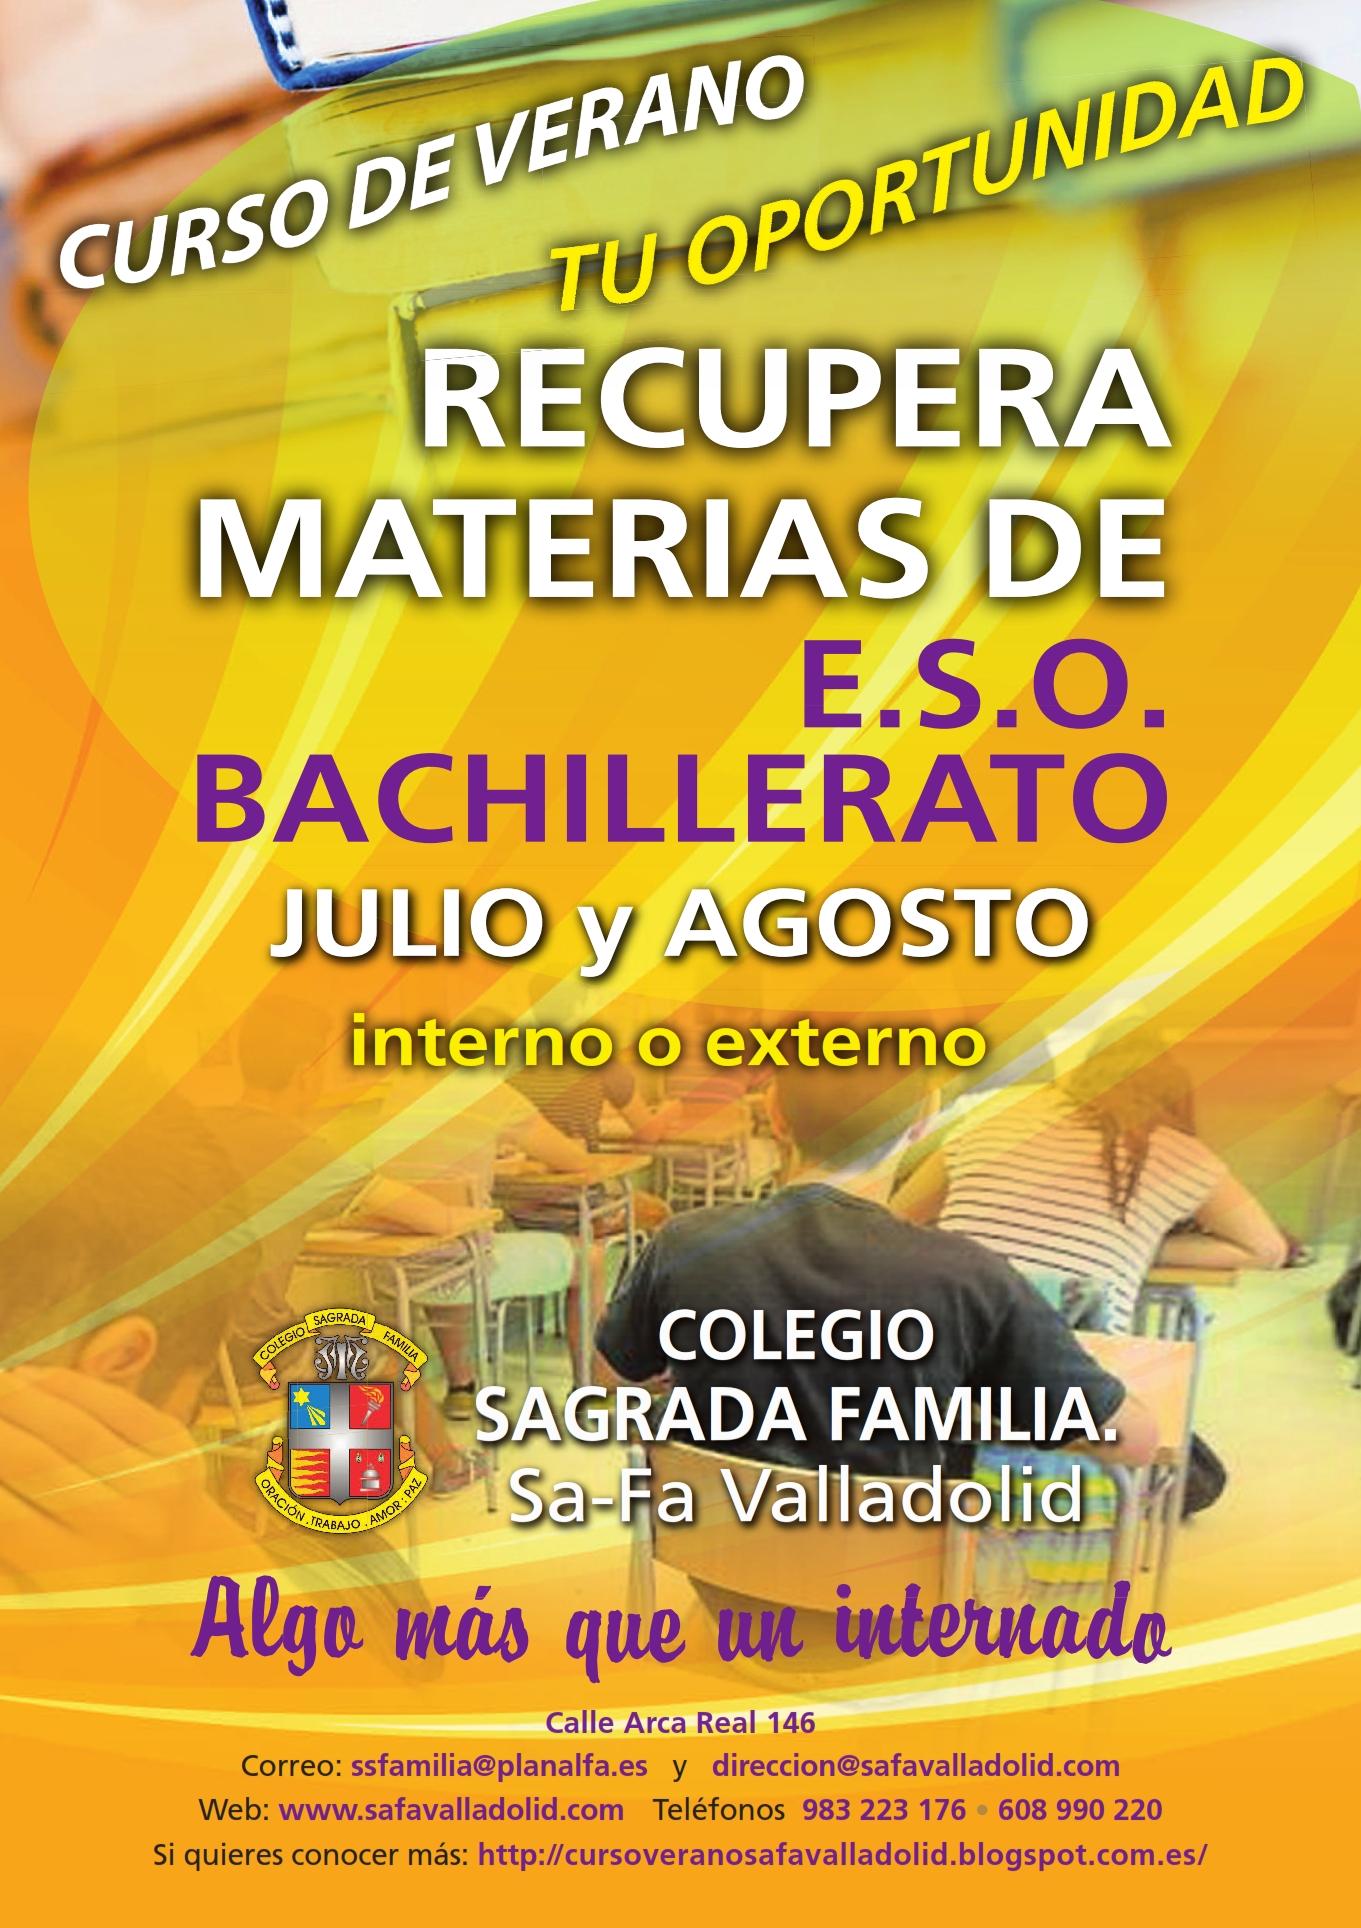 Curso de verano Sa-Fa Valladolid